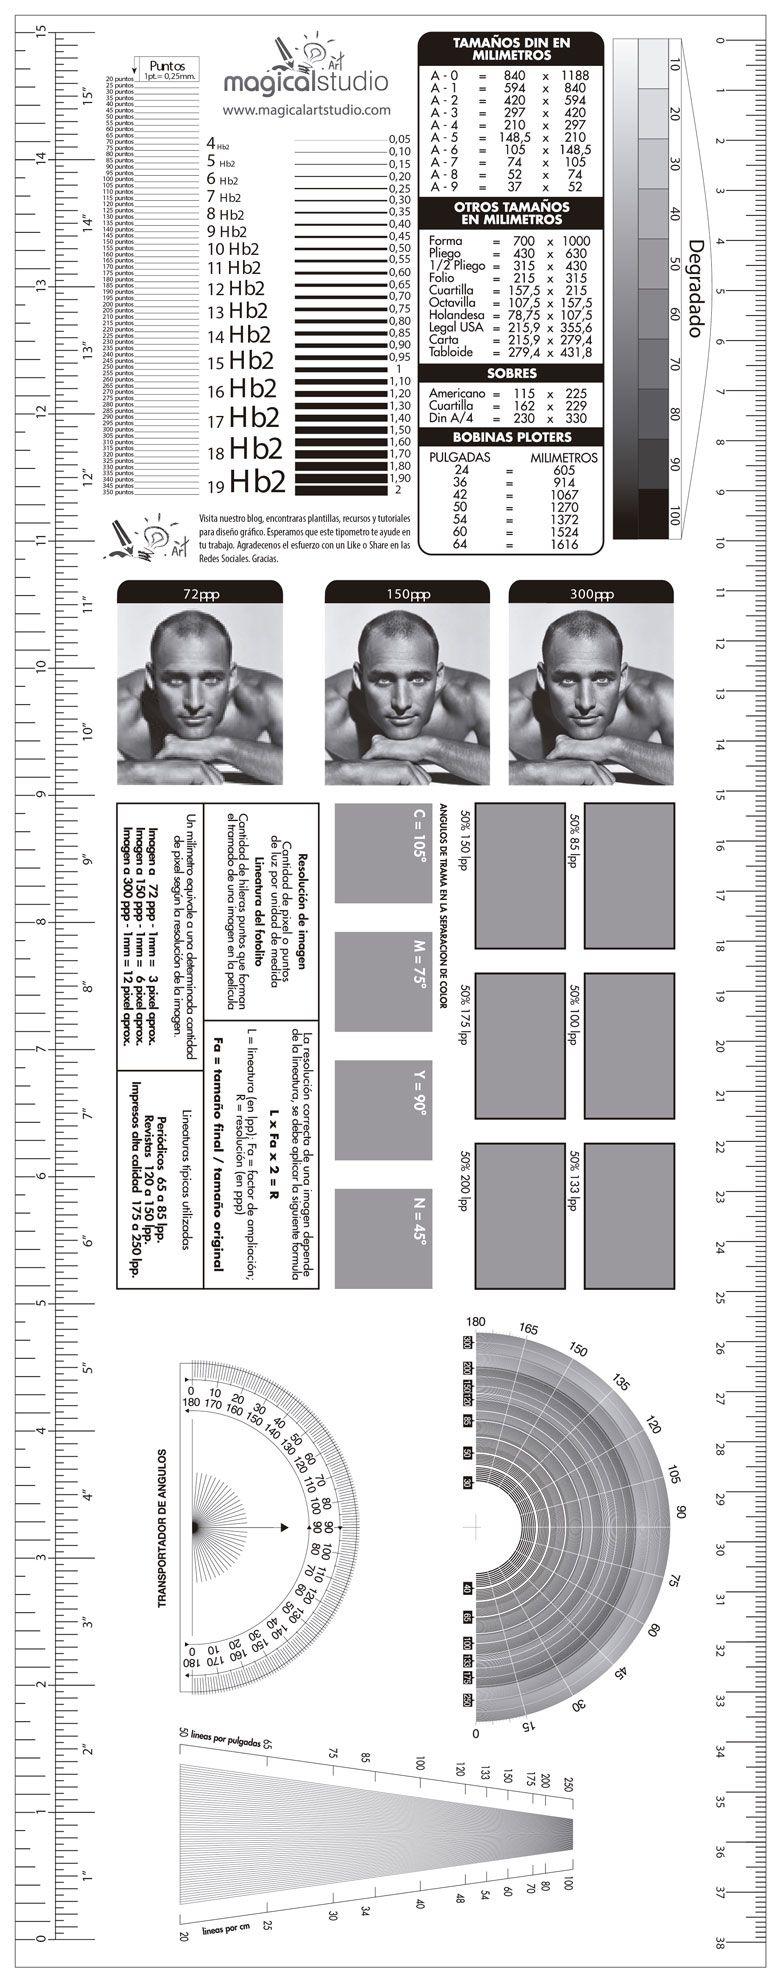 Descargar Plantilla Tipómetro y Lineómetro Gratis Illustrator | t ...